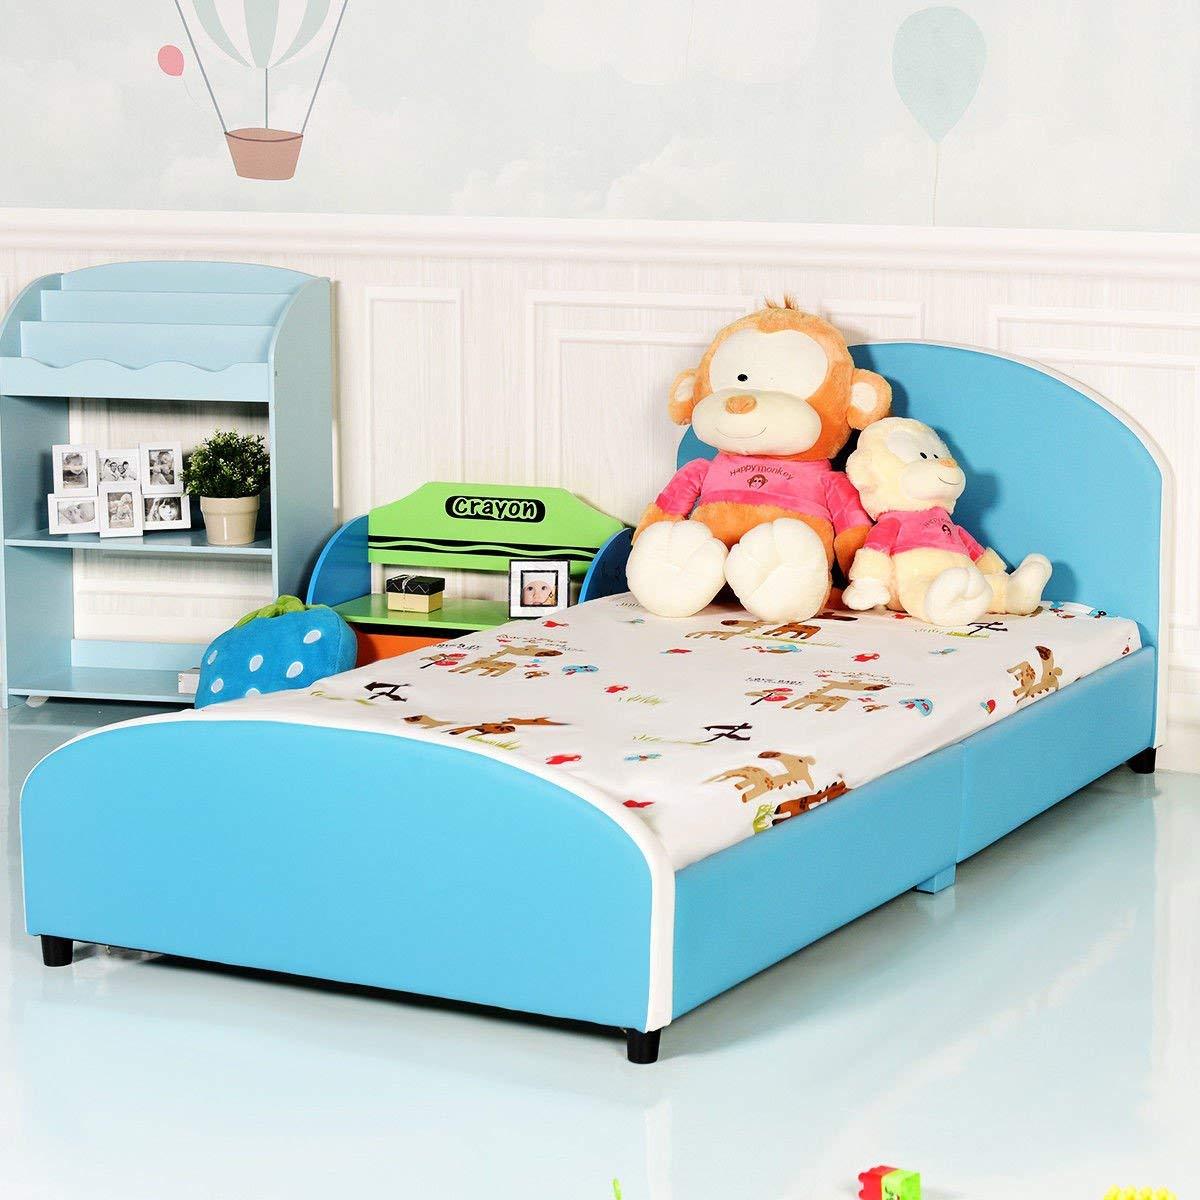 USMW Kids Children PU Upholstered Platform Wooden Bed Bedroom Furniture